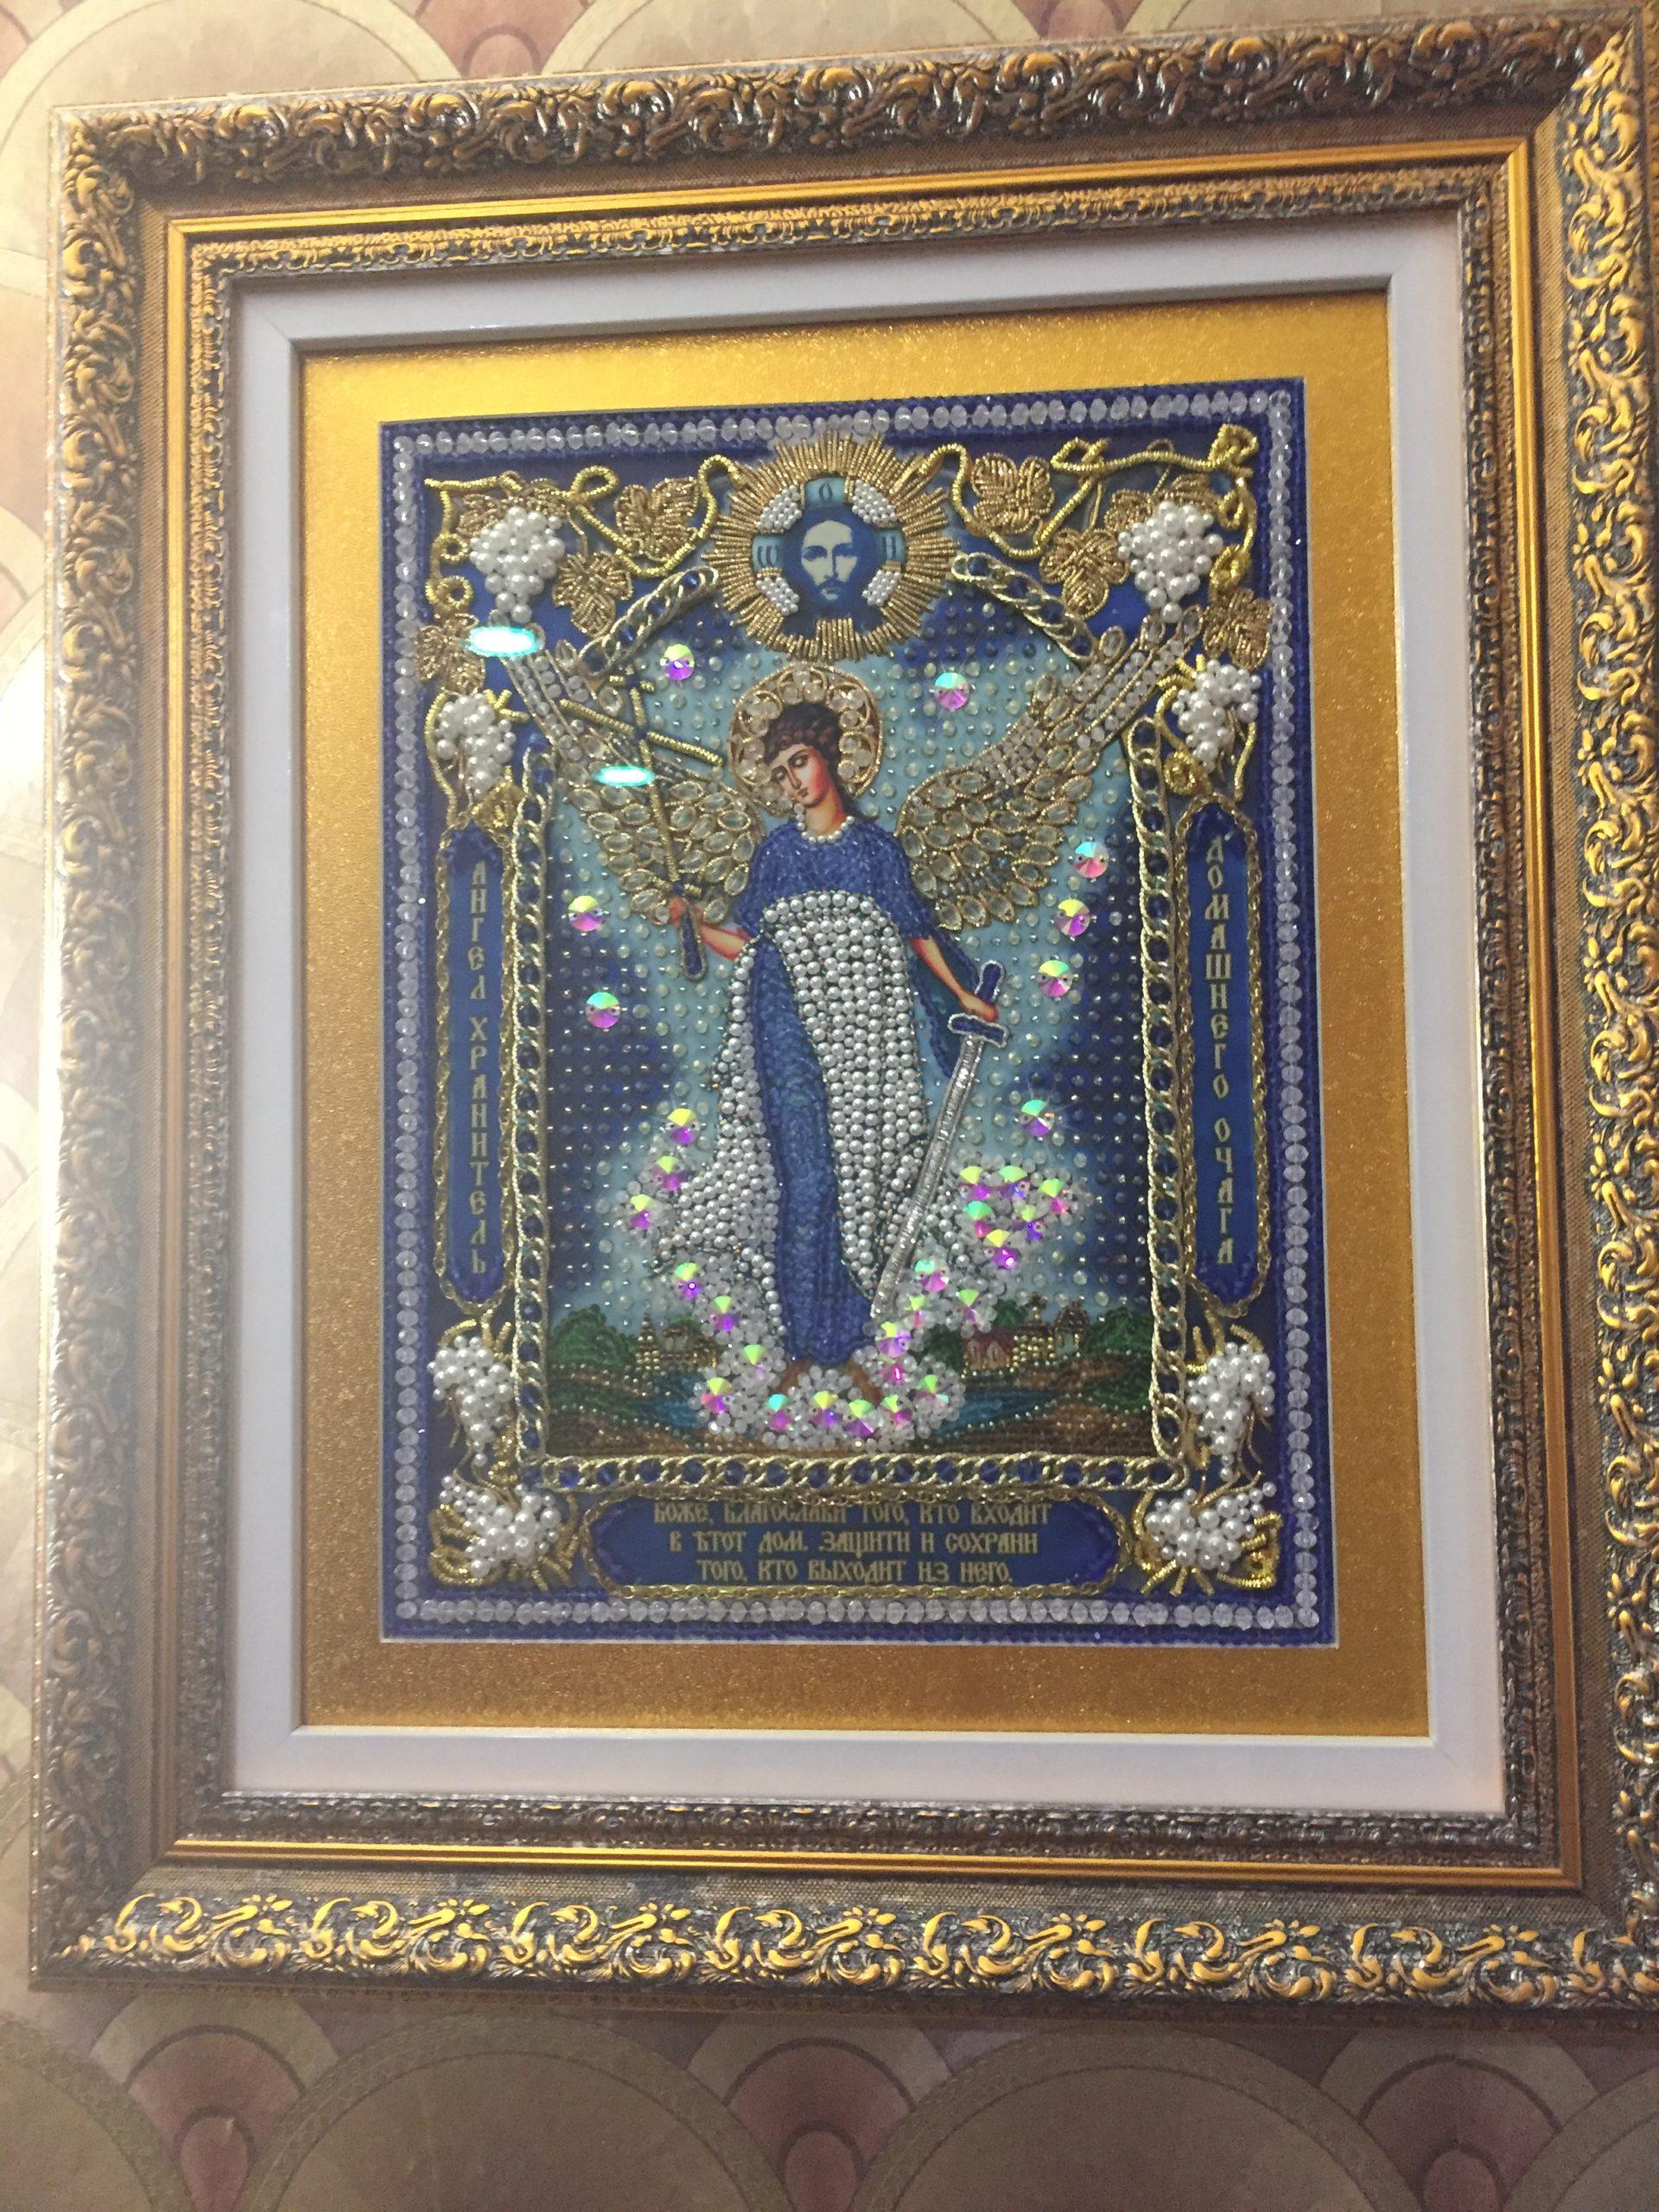 Образа в каменьях икона Ангел-хранитель домашнего очага вышитая икона